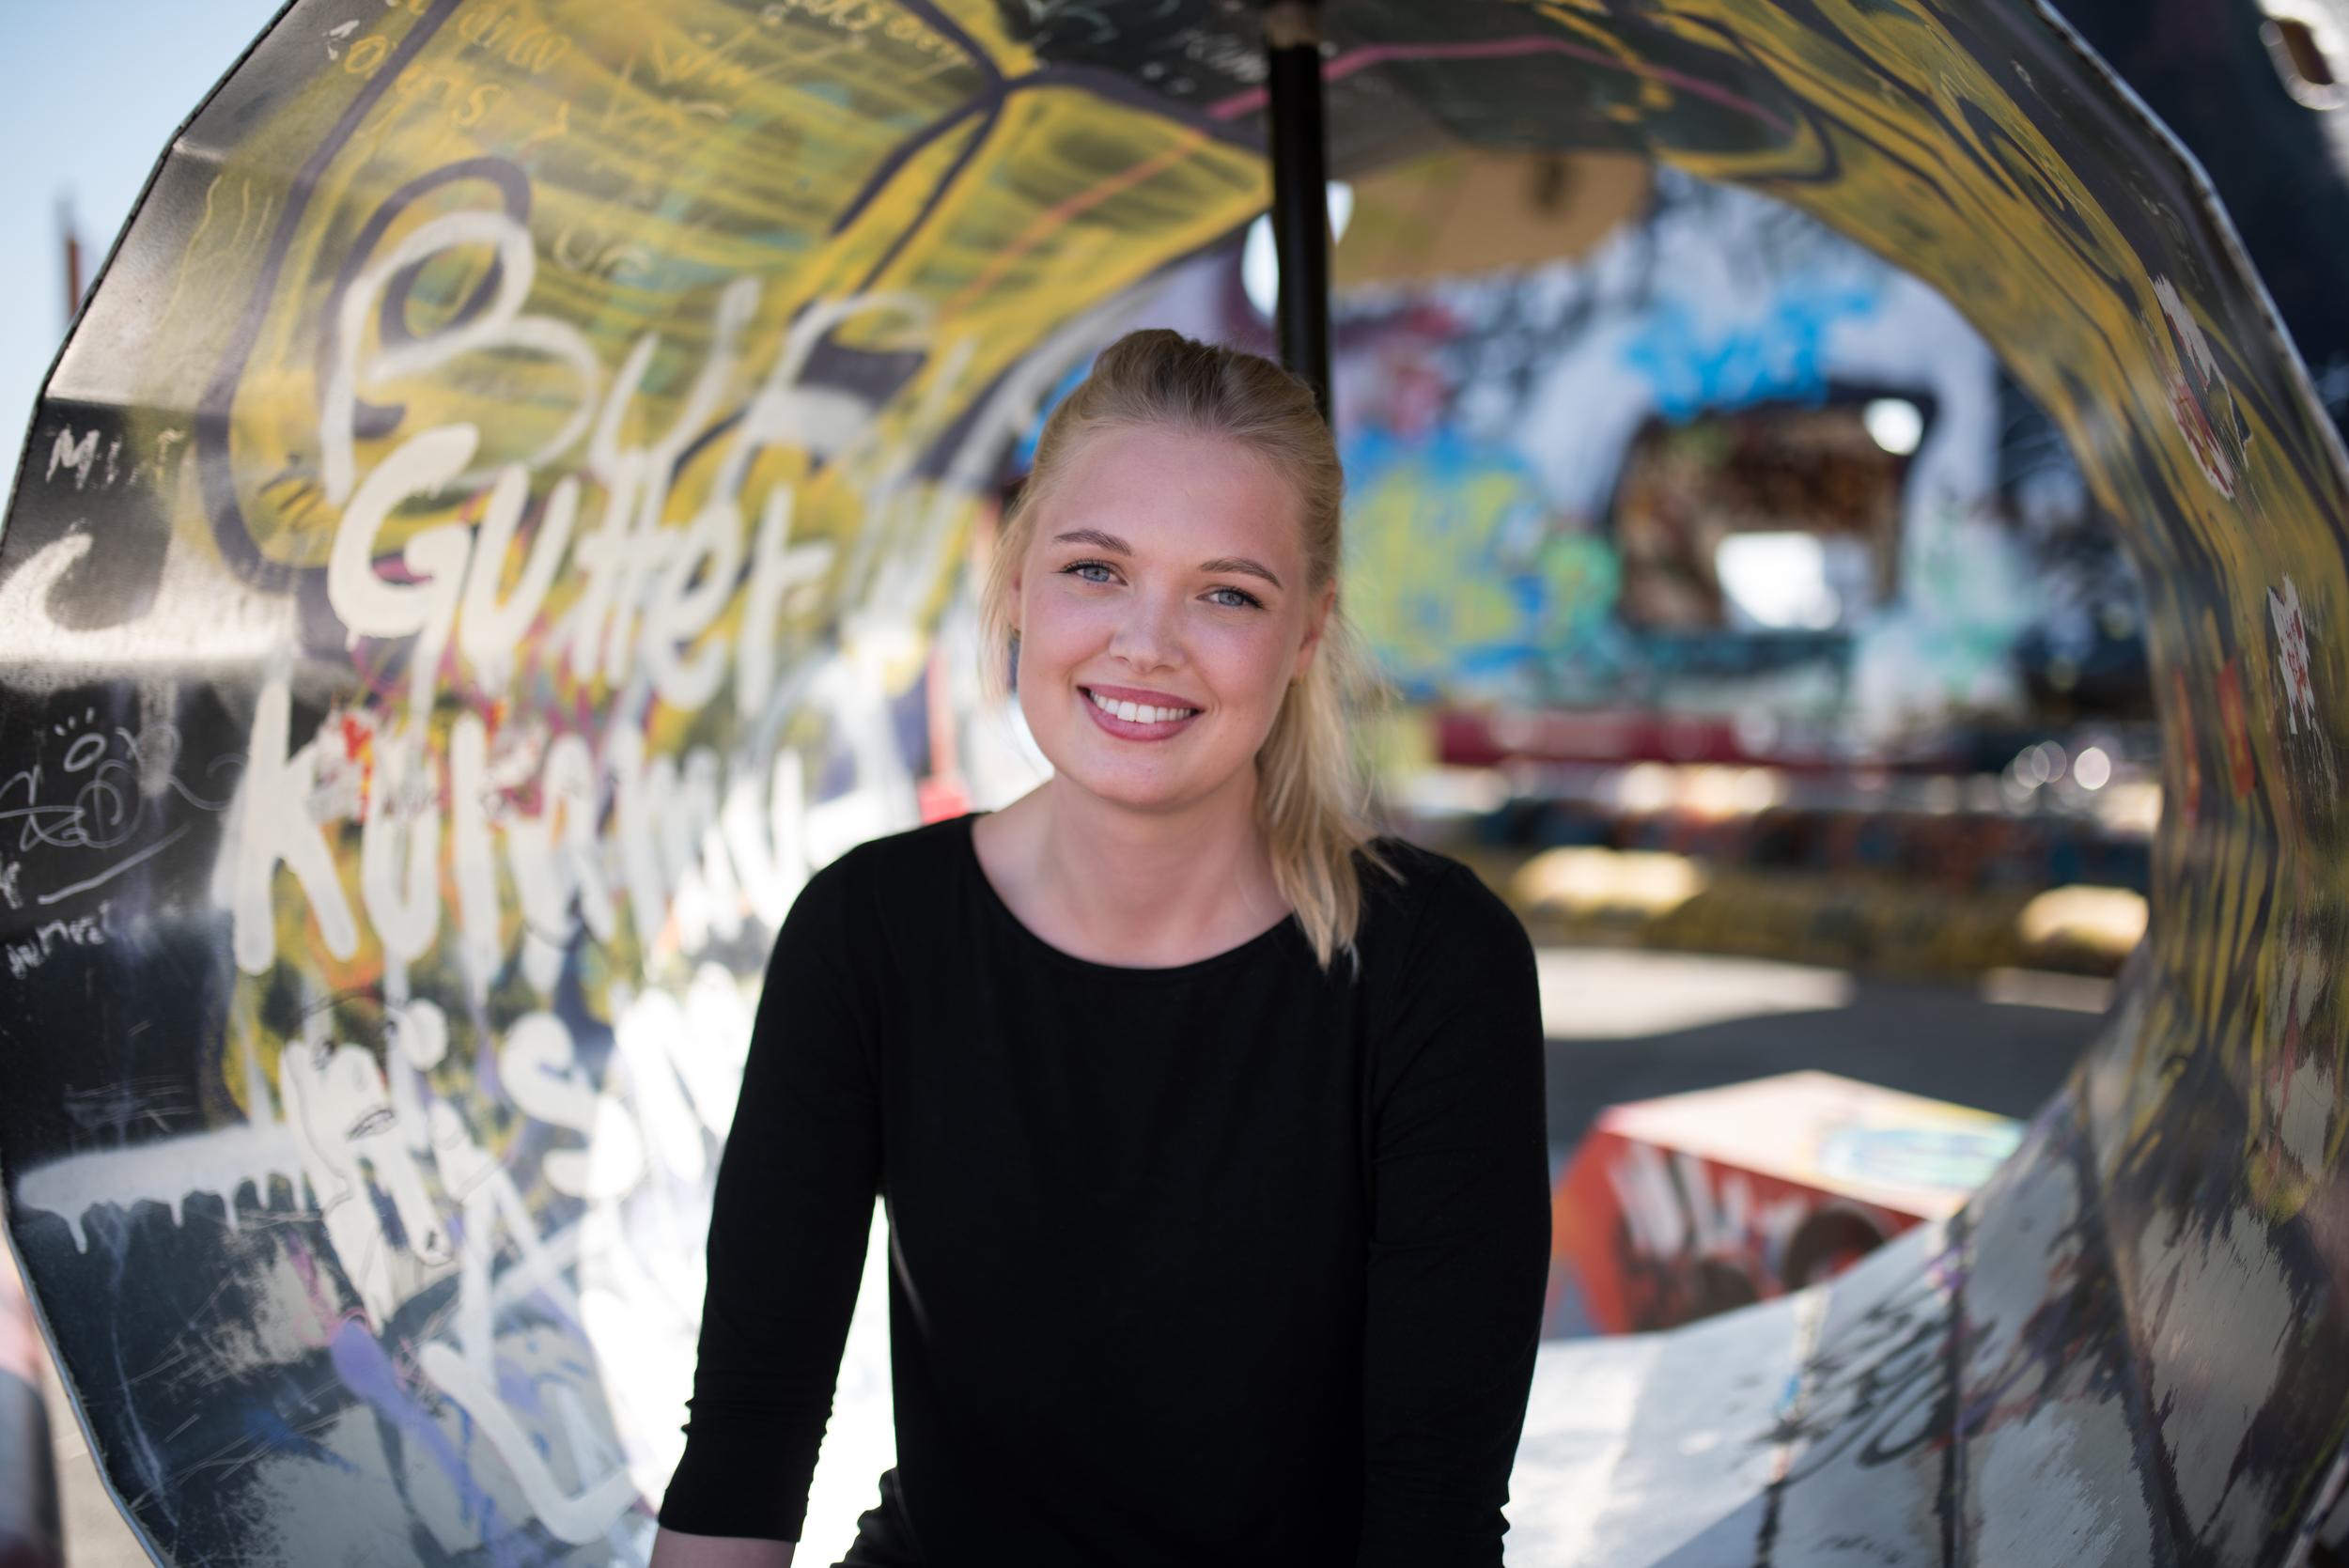 Foto: Hanne Høyland